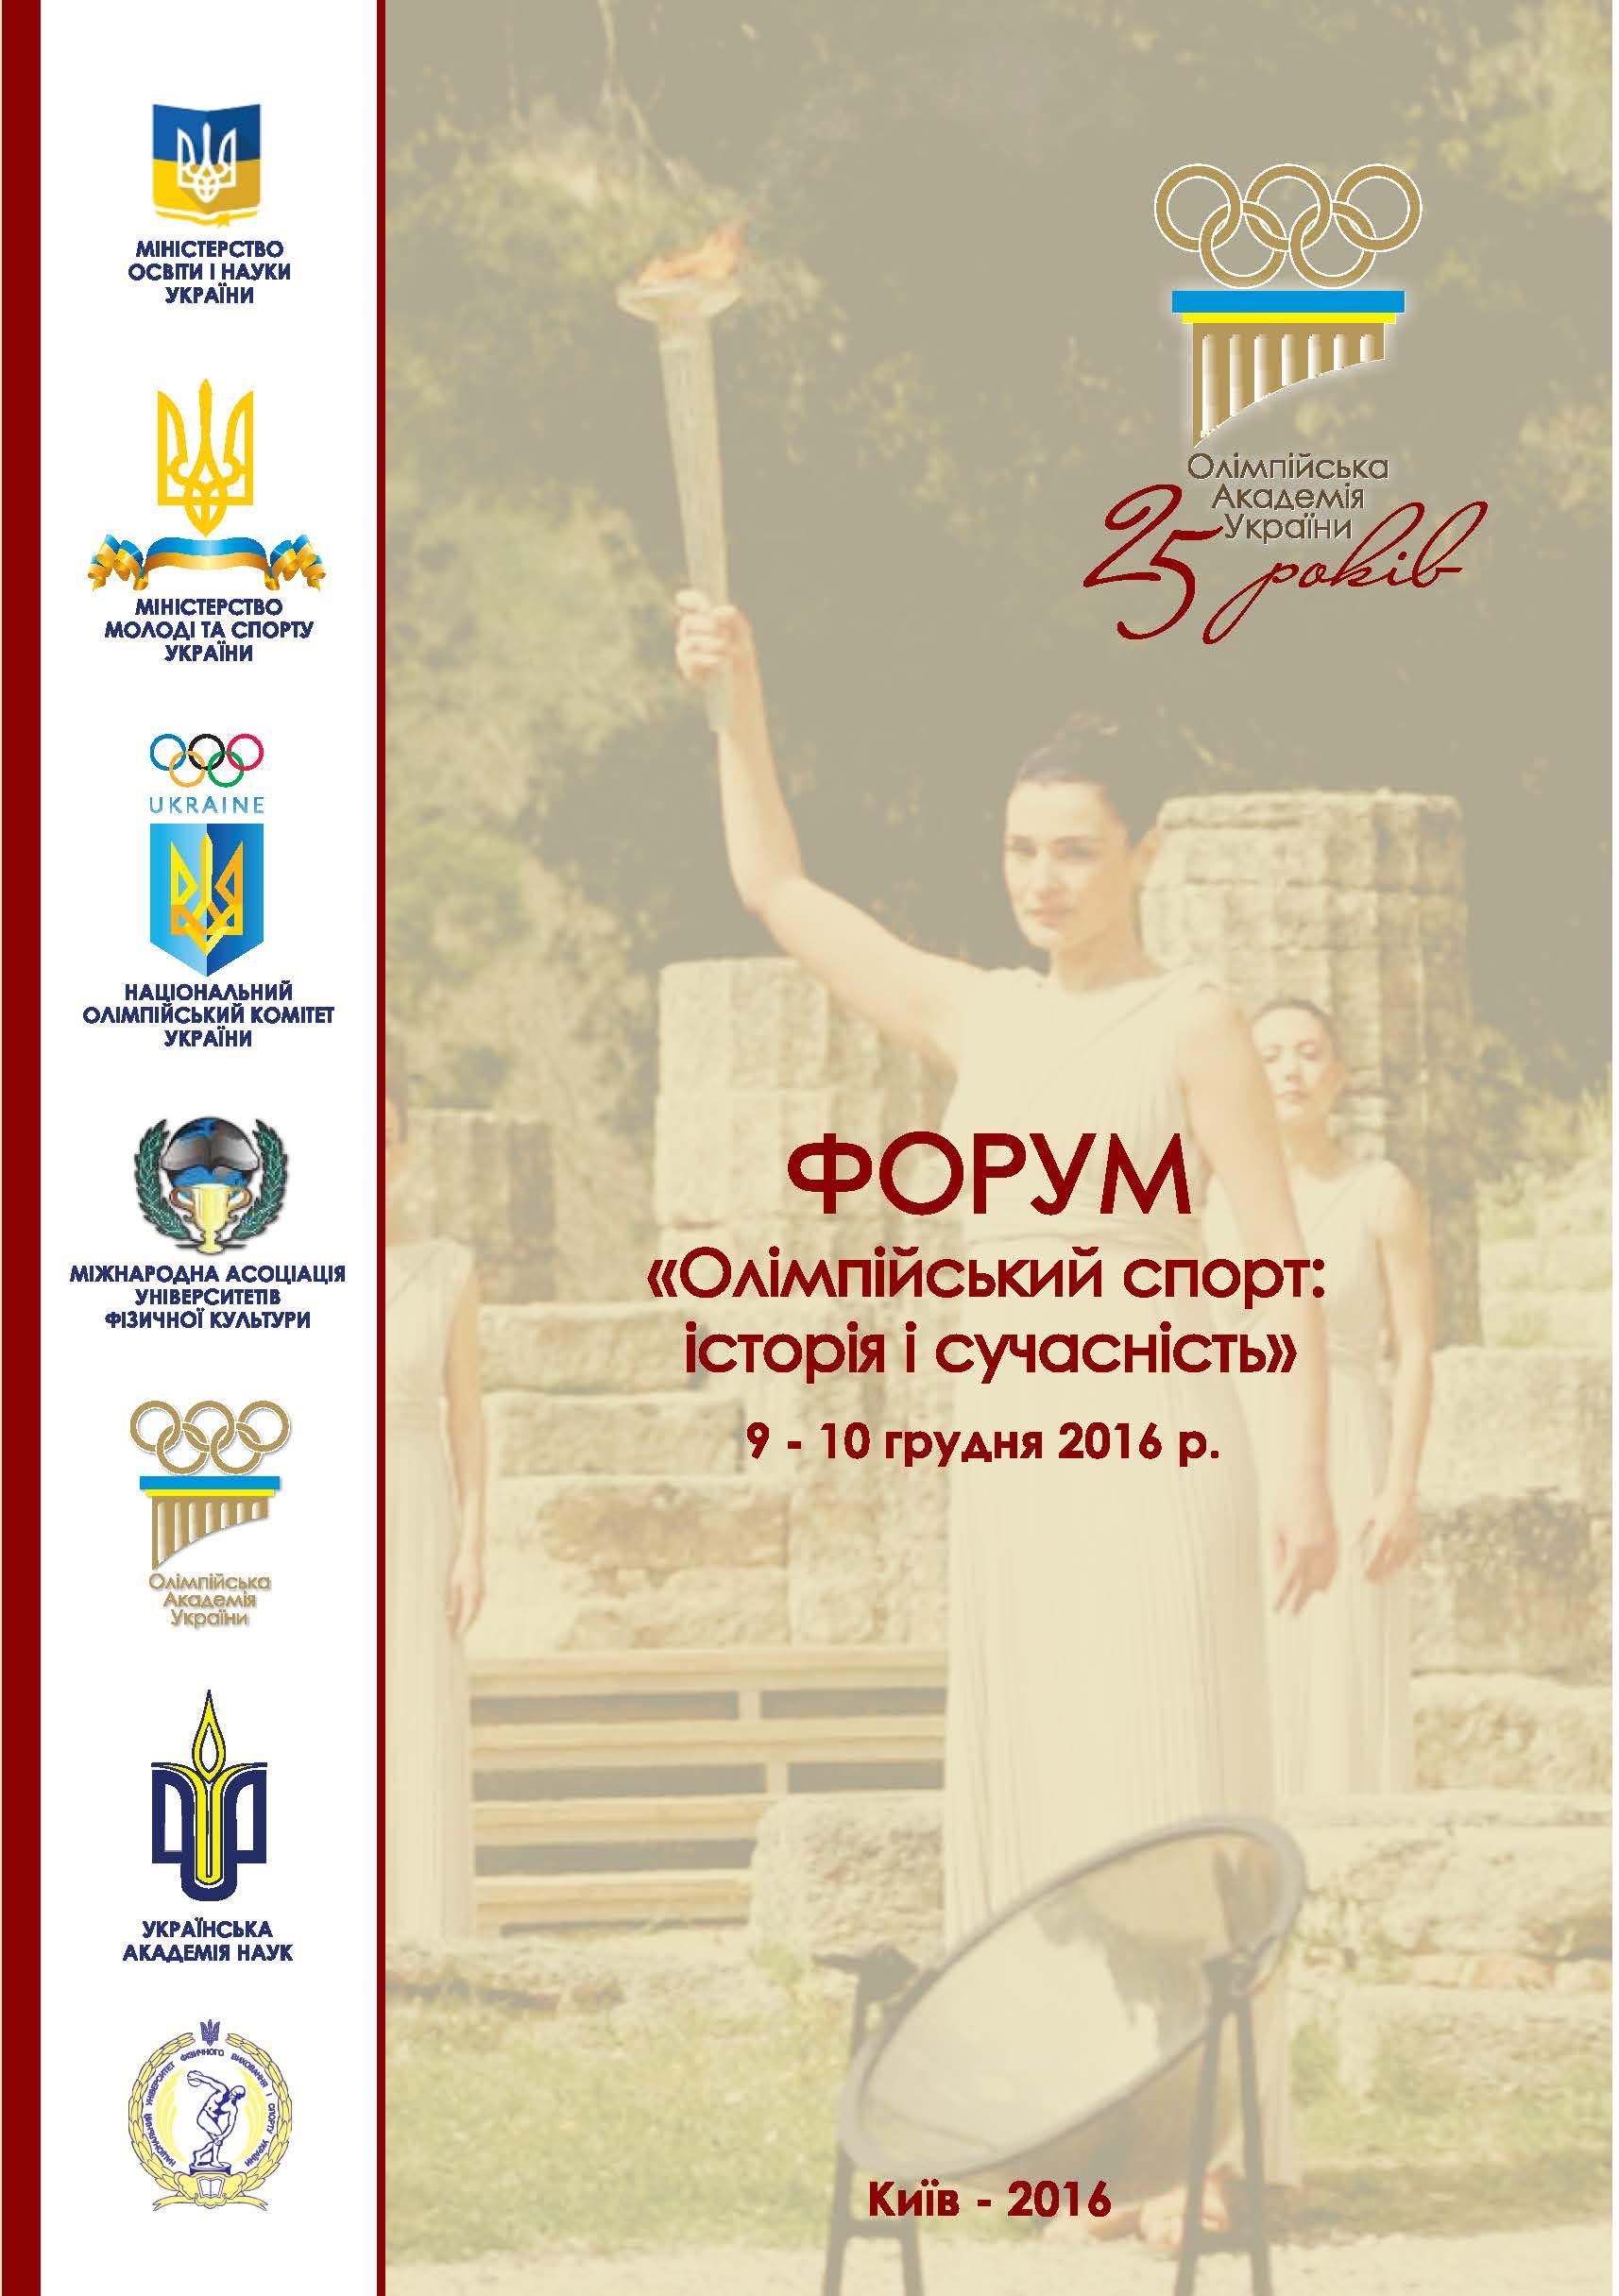 9-10 грудня 2016 р. в НУФВСУ відбудеться Міжнародний форум «Олімпійський спорт: історія і сучасність»